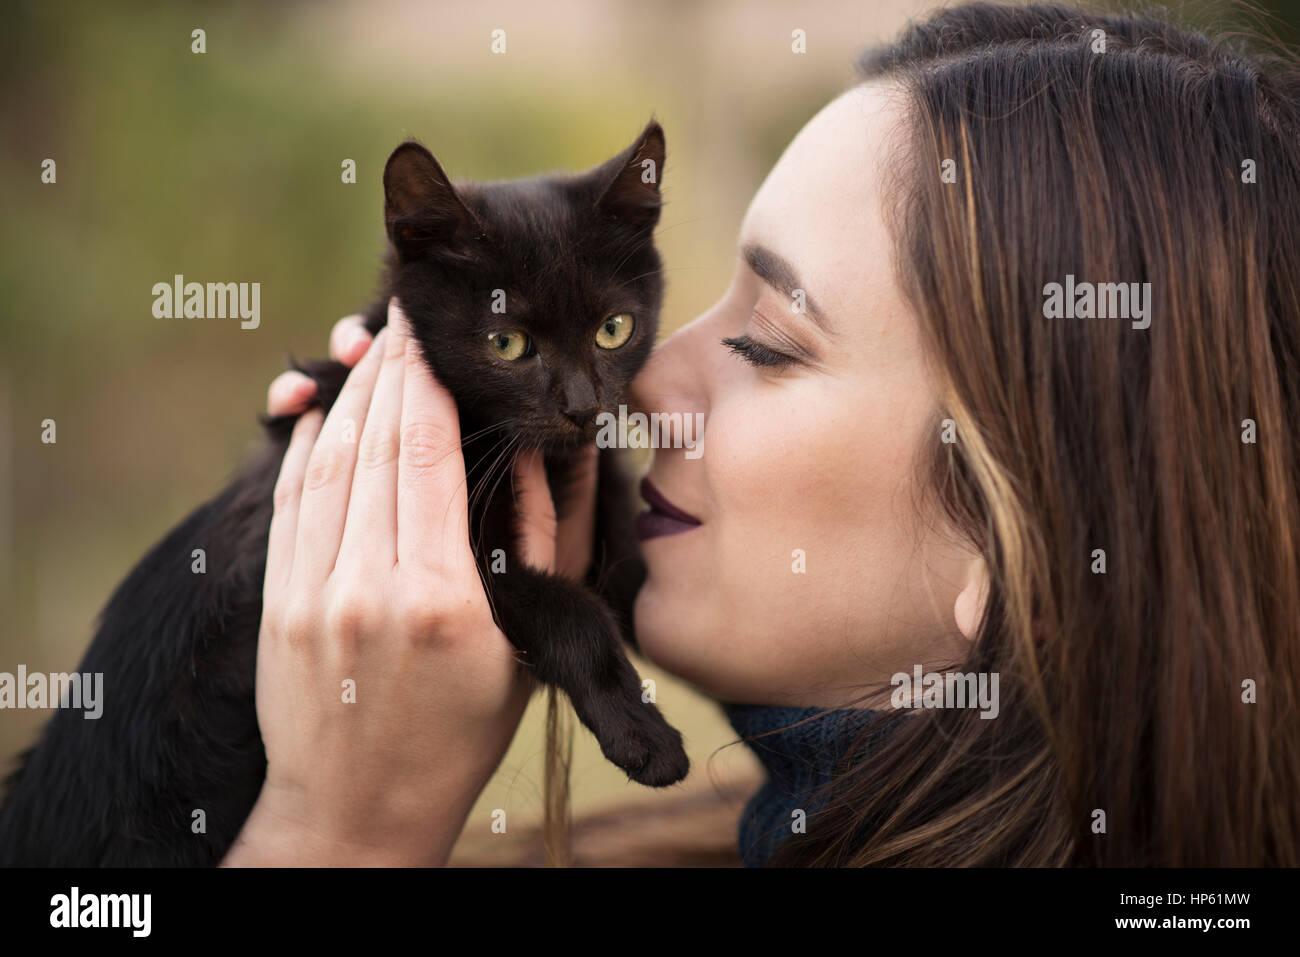 Junge hübsche Frau Kuscheln mit einer schwarzen Katze Stockbild